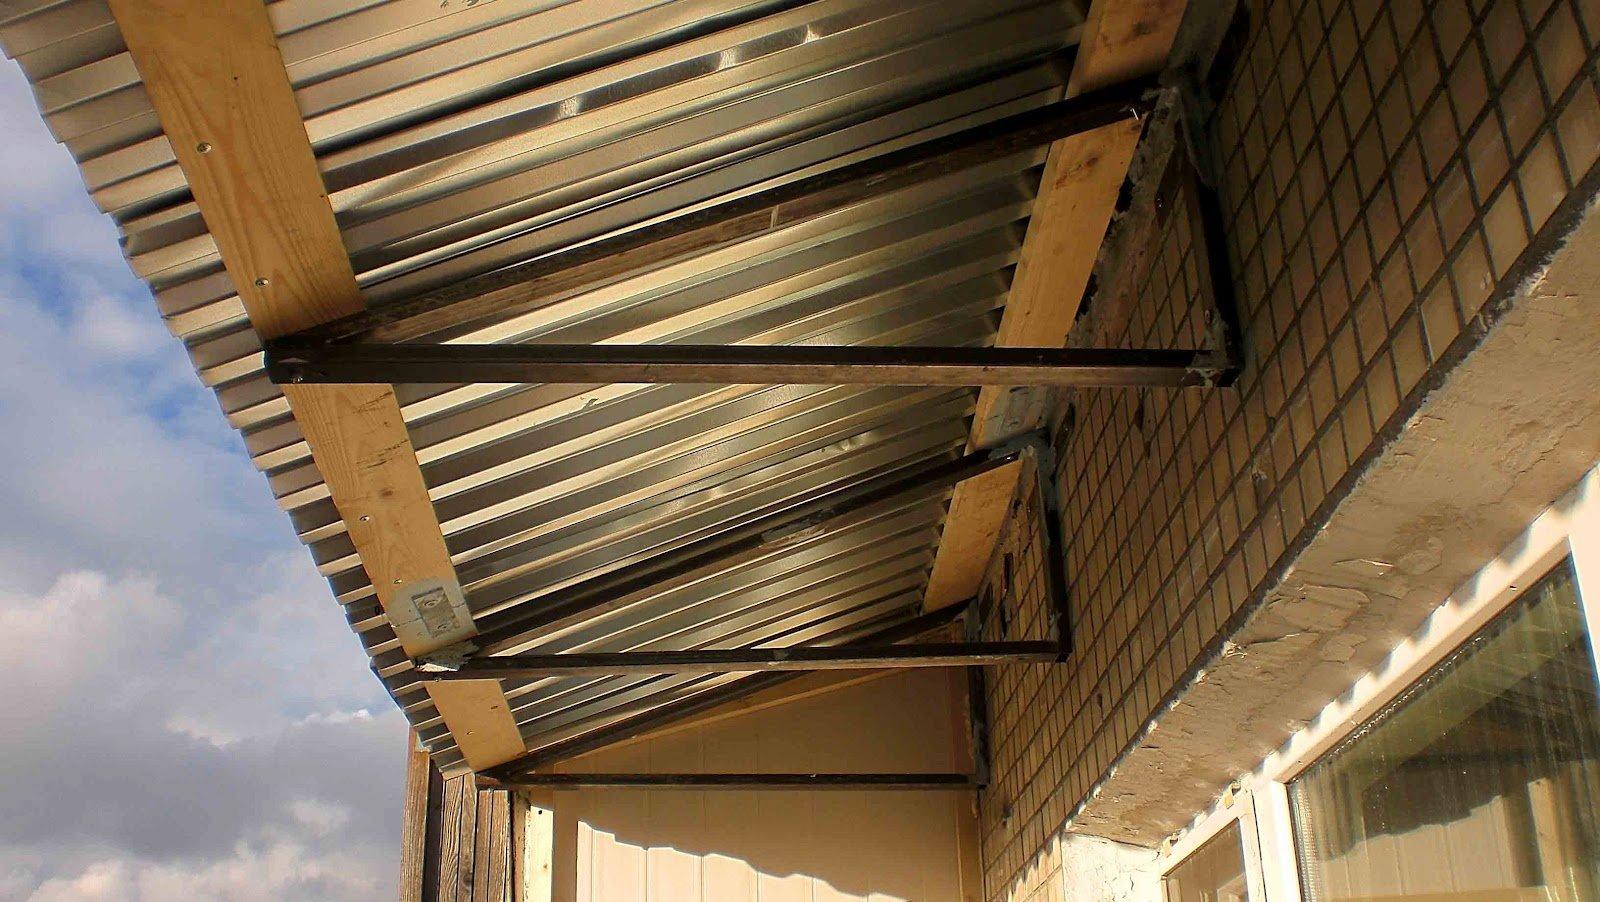 Алюминиевое остекление балконов: рекомендации и советы. Особенности алюминиевого остекления балконов. Алюминиевое остекление бал